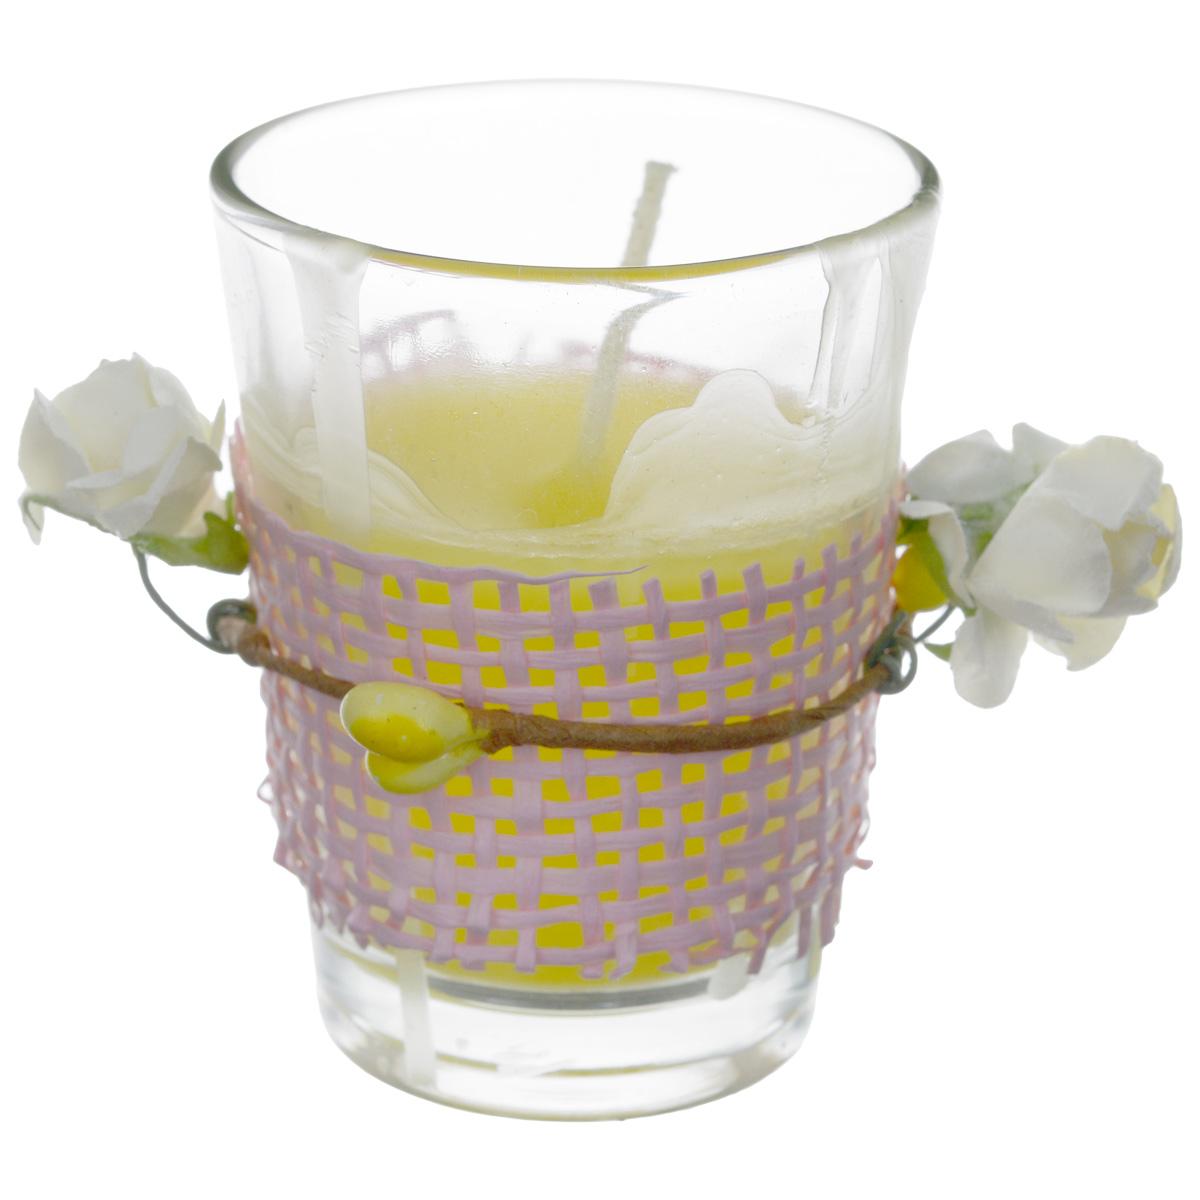 Свеча ароматизированная Sima-land Влечение. Апельсин, высота 6 см896688Ароматизированная свеча в стеклянном стакане Sima-land Влечение. Апельсин выполнена из высококачественного цветного воска. Стакан украшен декоративными бумажными цветами. Изделие отличается оригинальным дизайном и приятным ароматом апельсина. Такая свеча может стать отличным подарком или дополнить интерьер вашей комнаты.